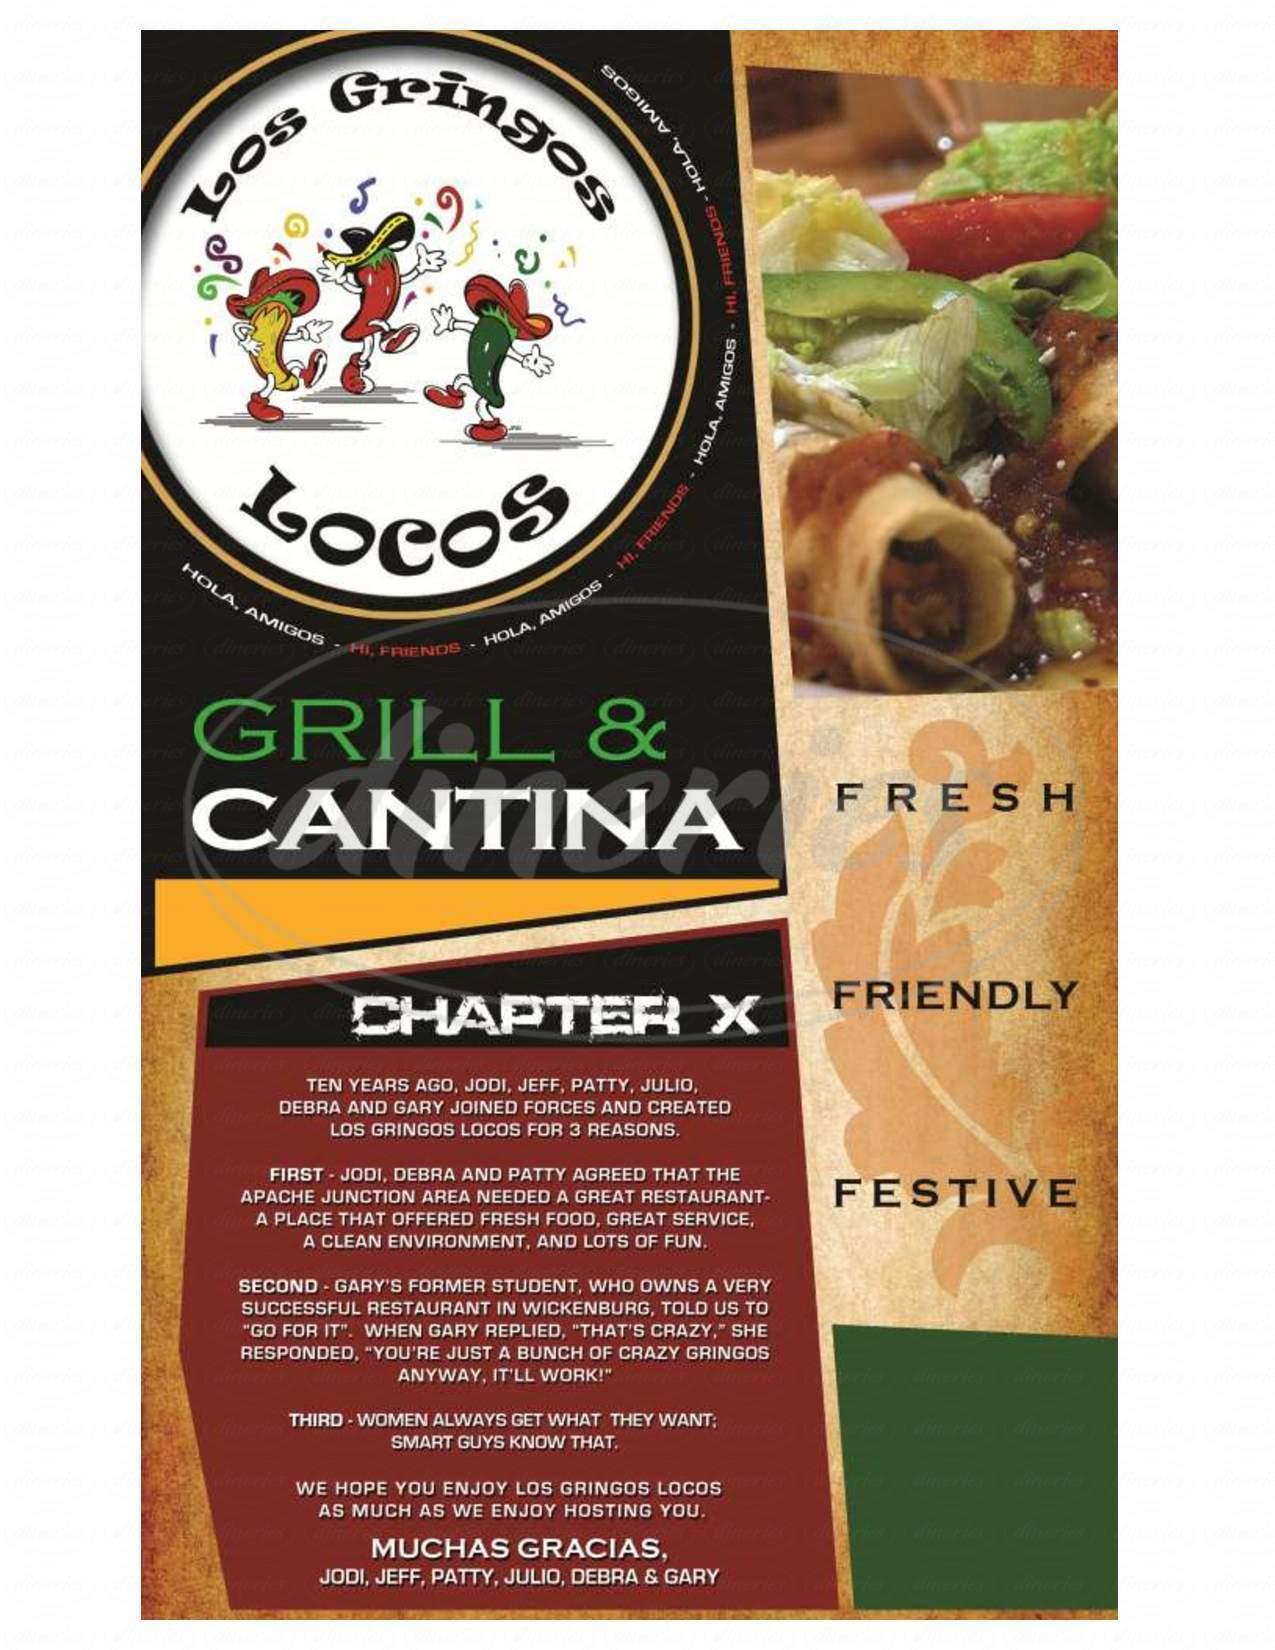 menu for Los Gringos Locos Grill & Cantina